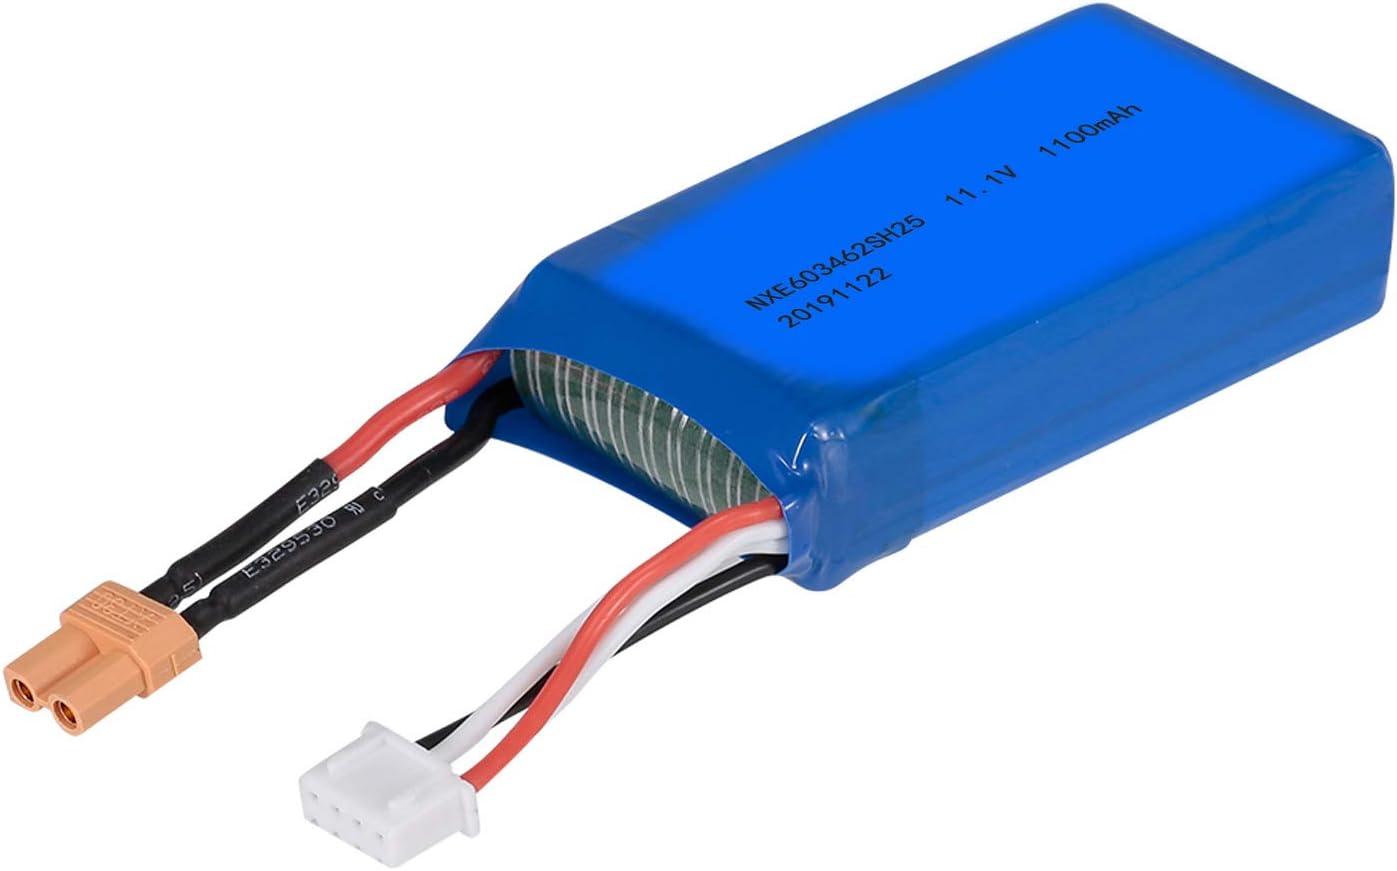 Godyluck- 11.1V 1100mAh 20C Batería de Litio Compatible con Wltoys XK X450 RC Avión ala Fija